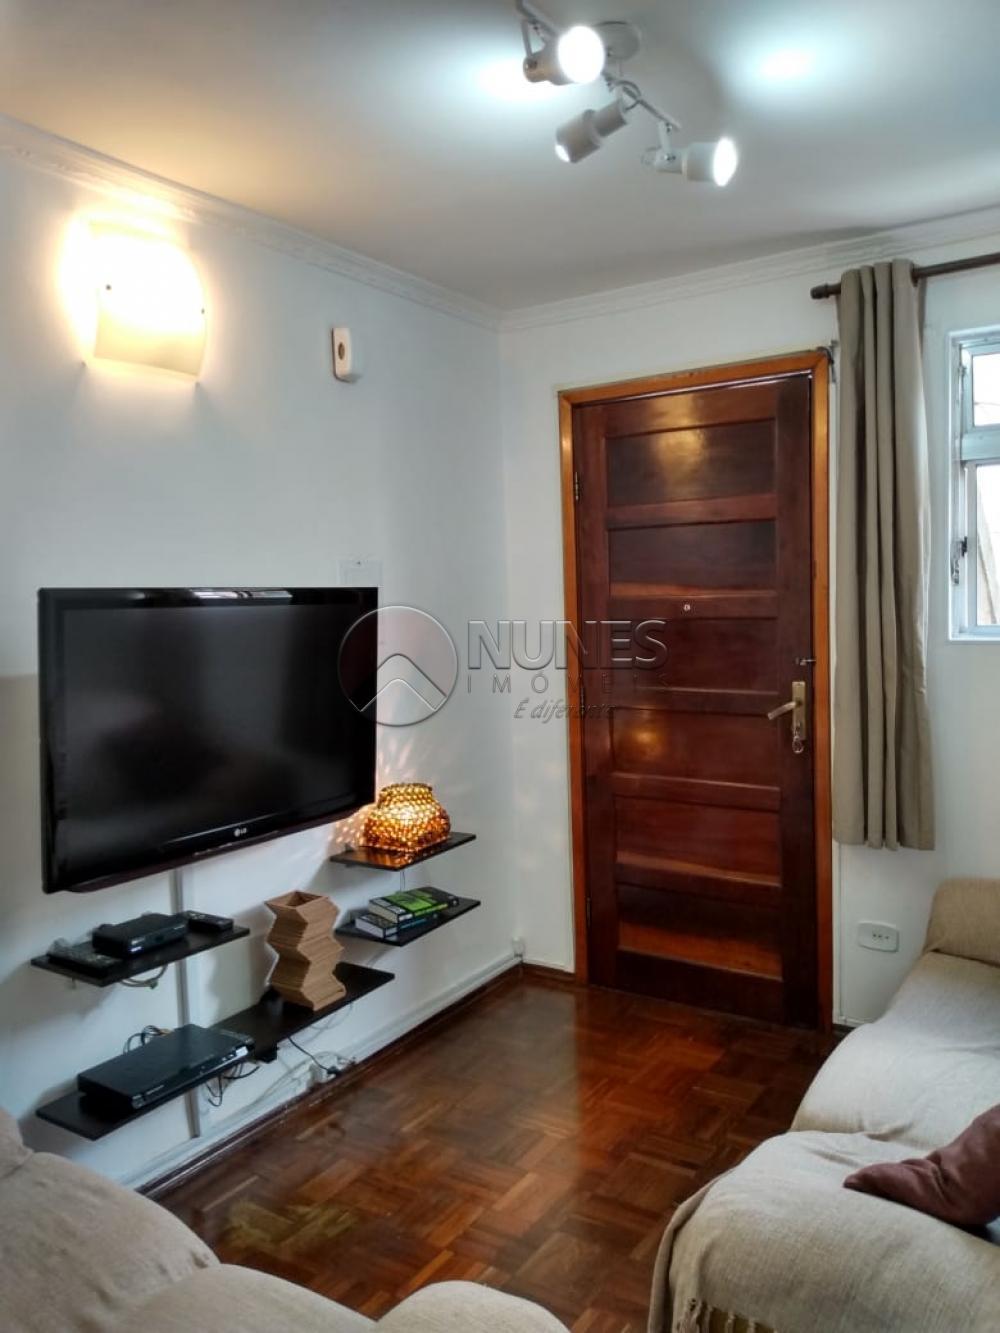 Comprar Apartamento / Padrão em Carapicuíba apenas R$ 140.000,00 - Foto 1